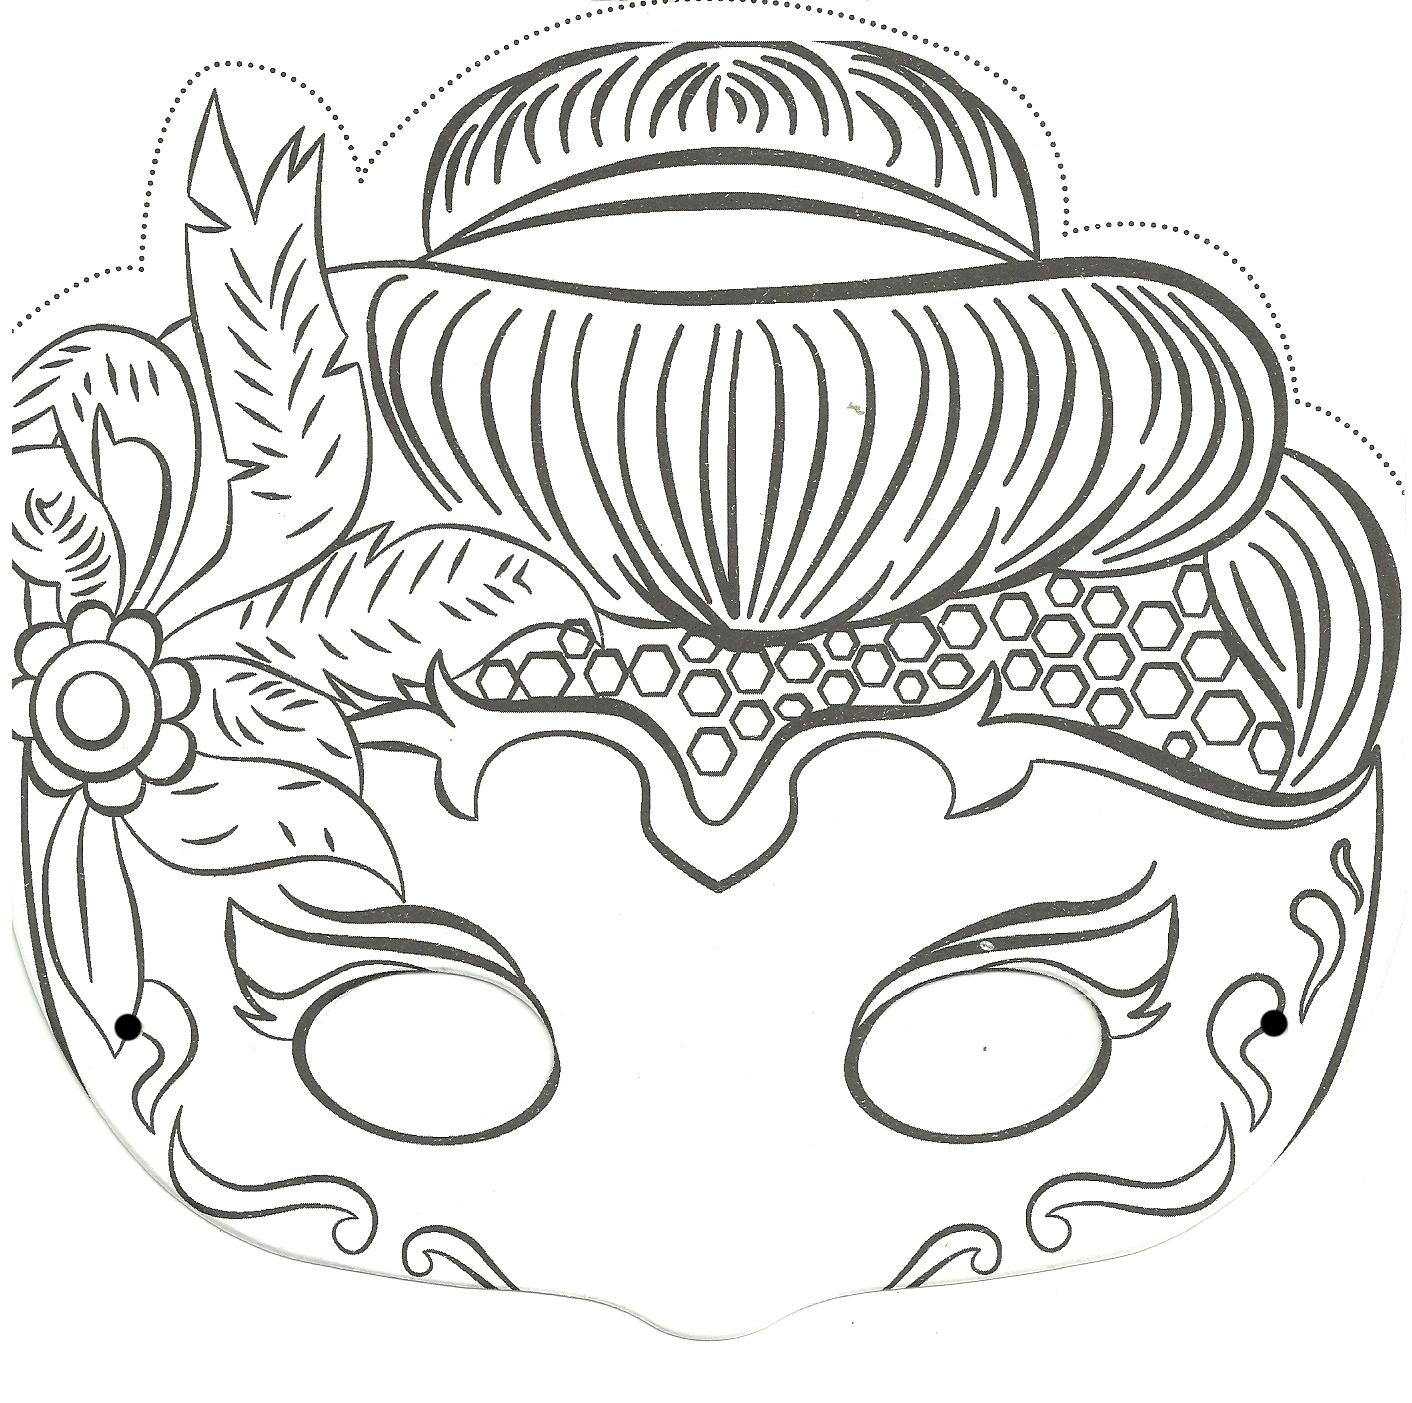 Masque Pour Enfant: Une Princesse À Imprimer Et À Colorier A dedans Masque Enfant A Colorier